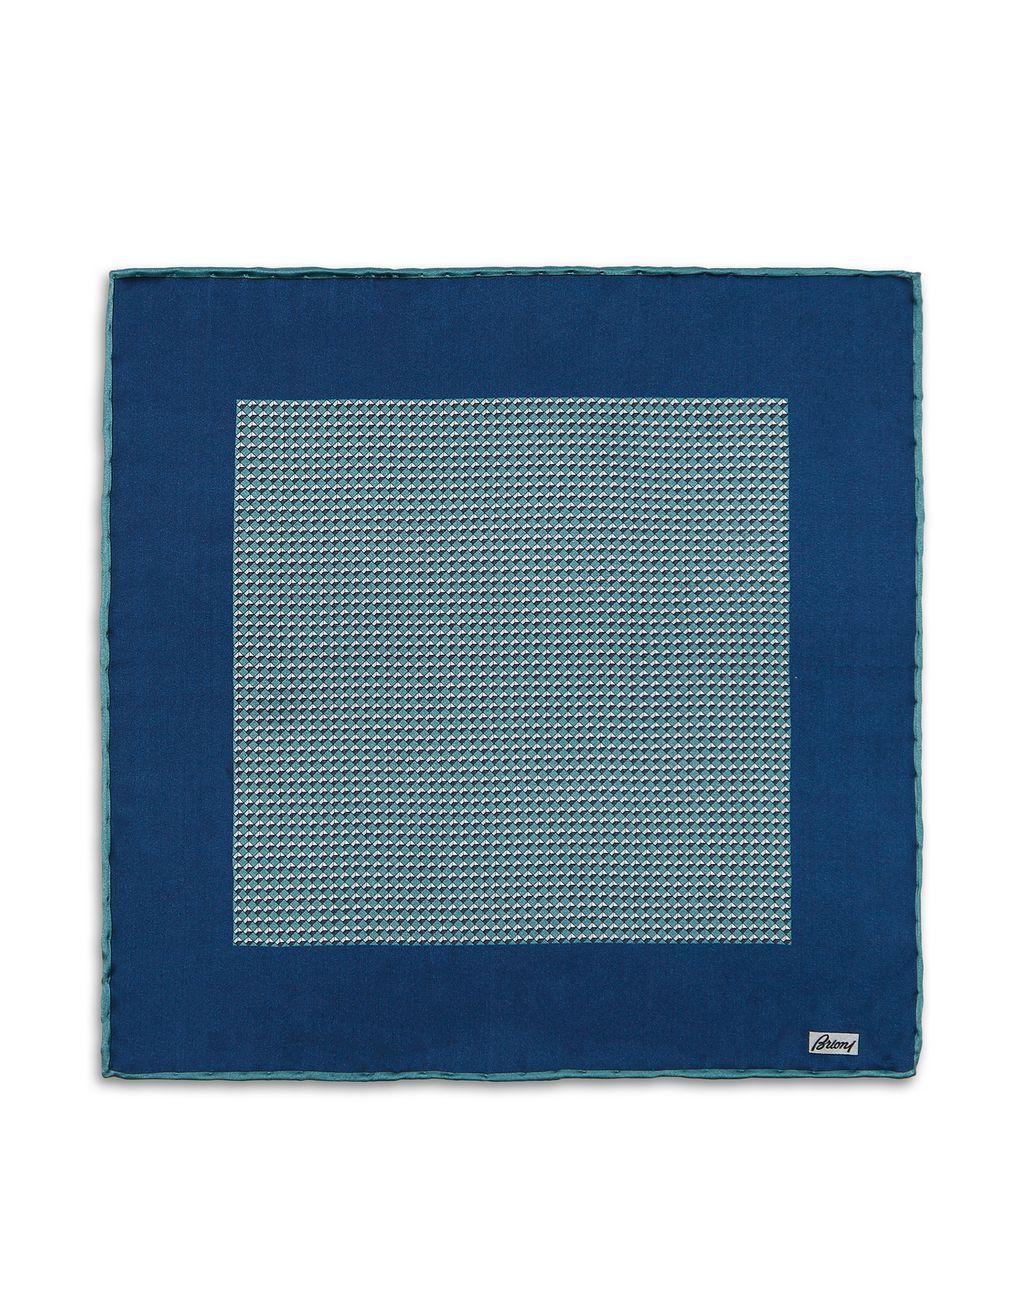 BRIONI Бирюзовый платок-паше с микроузором Галстуки и карманные платки Для Мужчин f